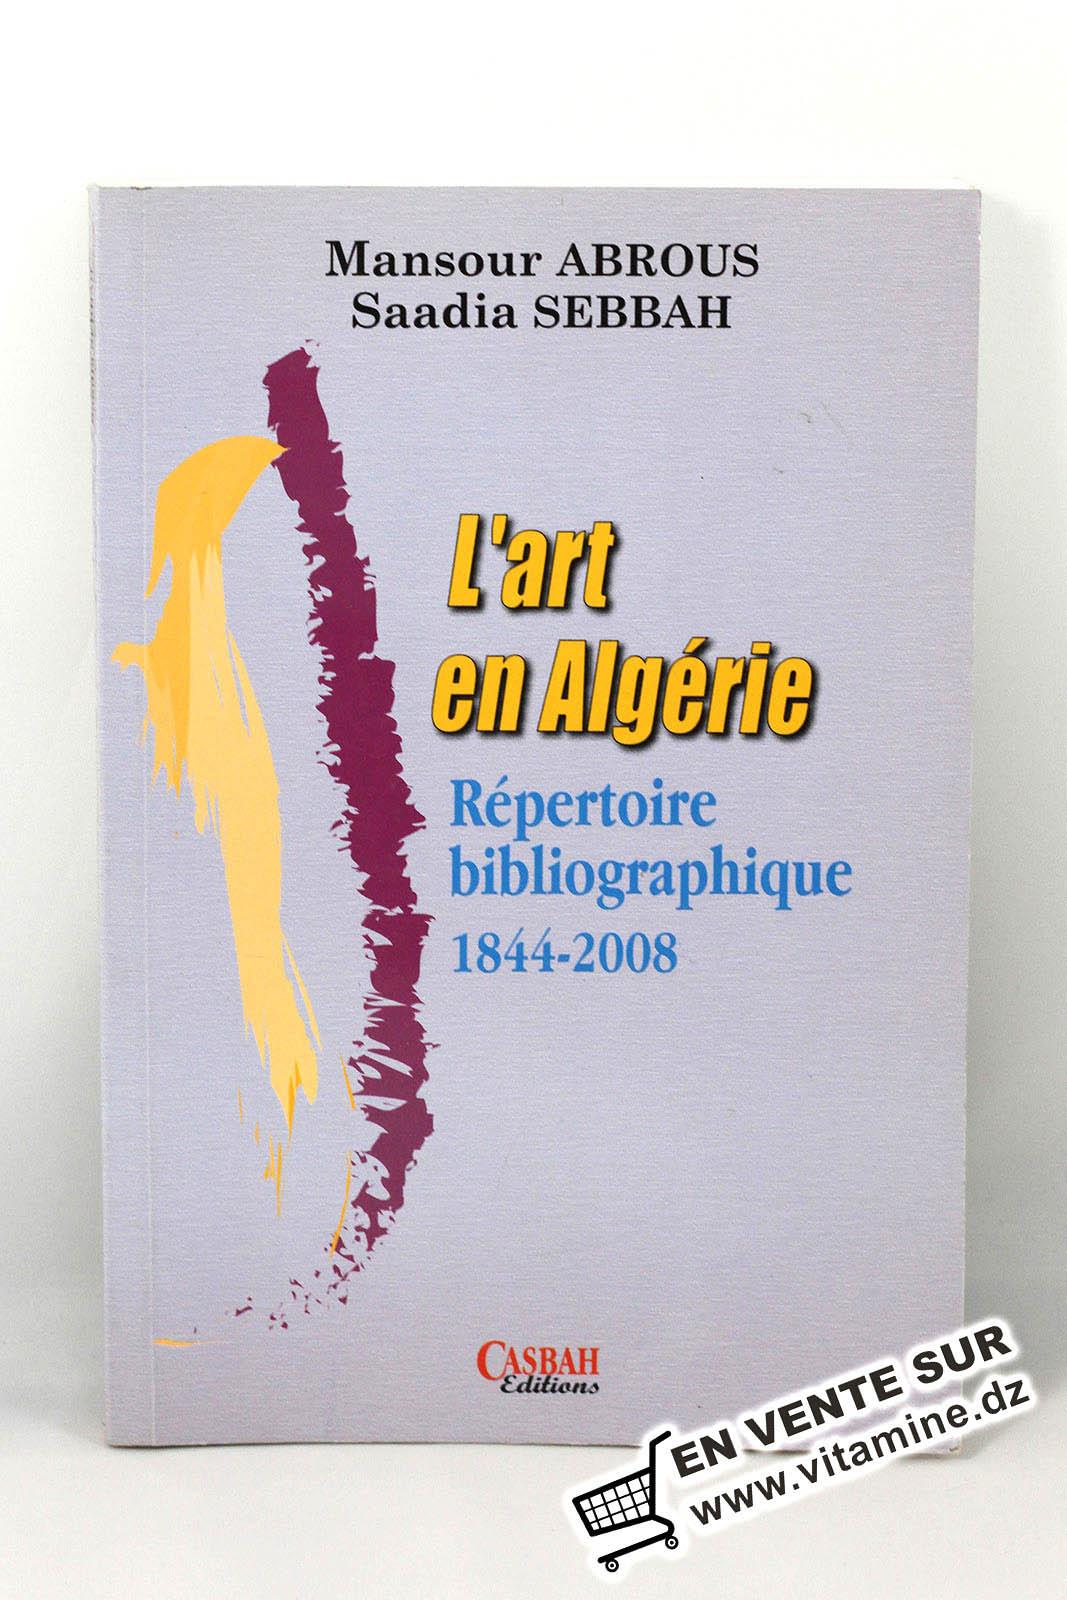 Mansour Abrous, Saadia Sebbah - L'art en Algérie (Répertoire bibliographique 1844-2008)